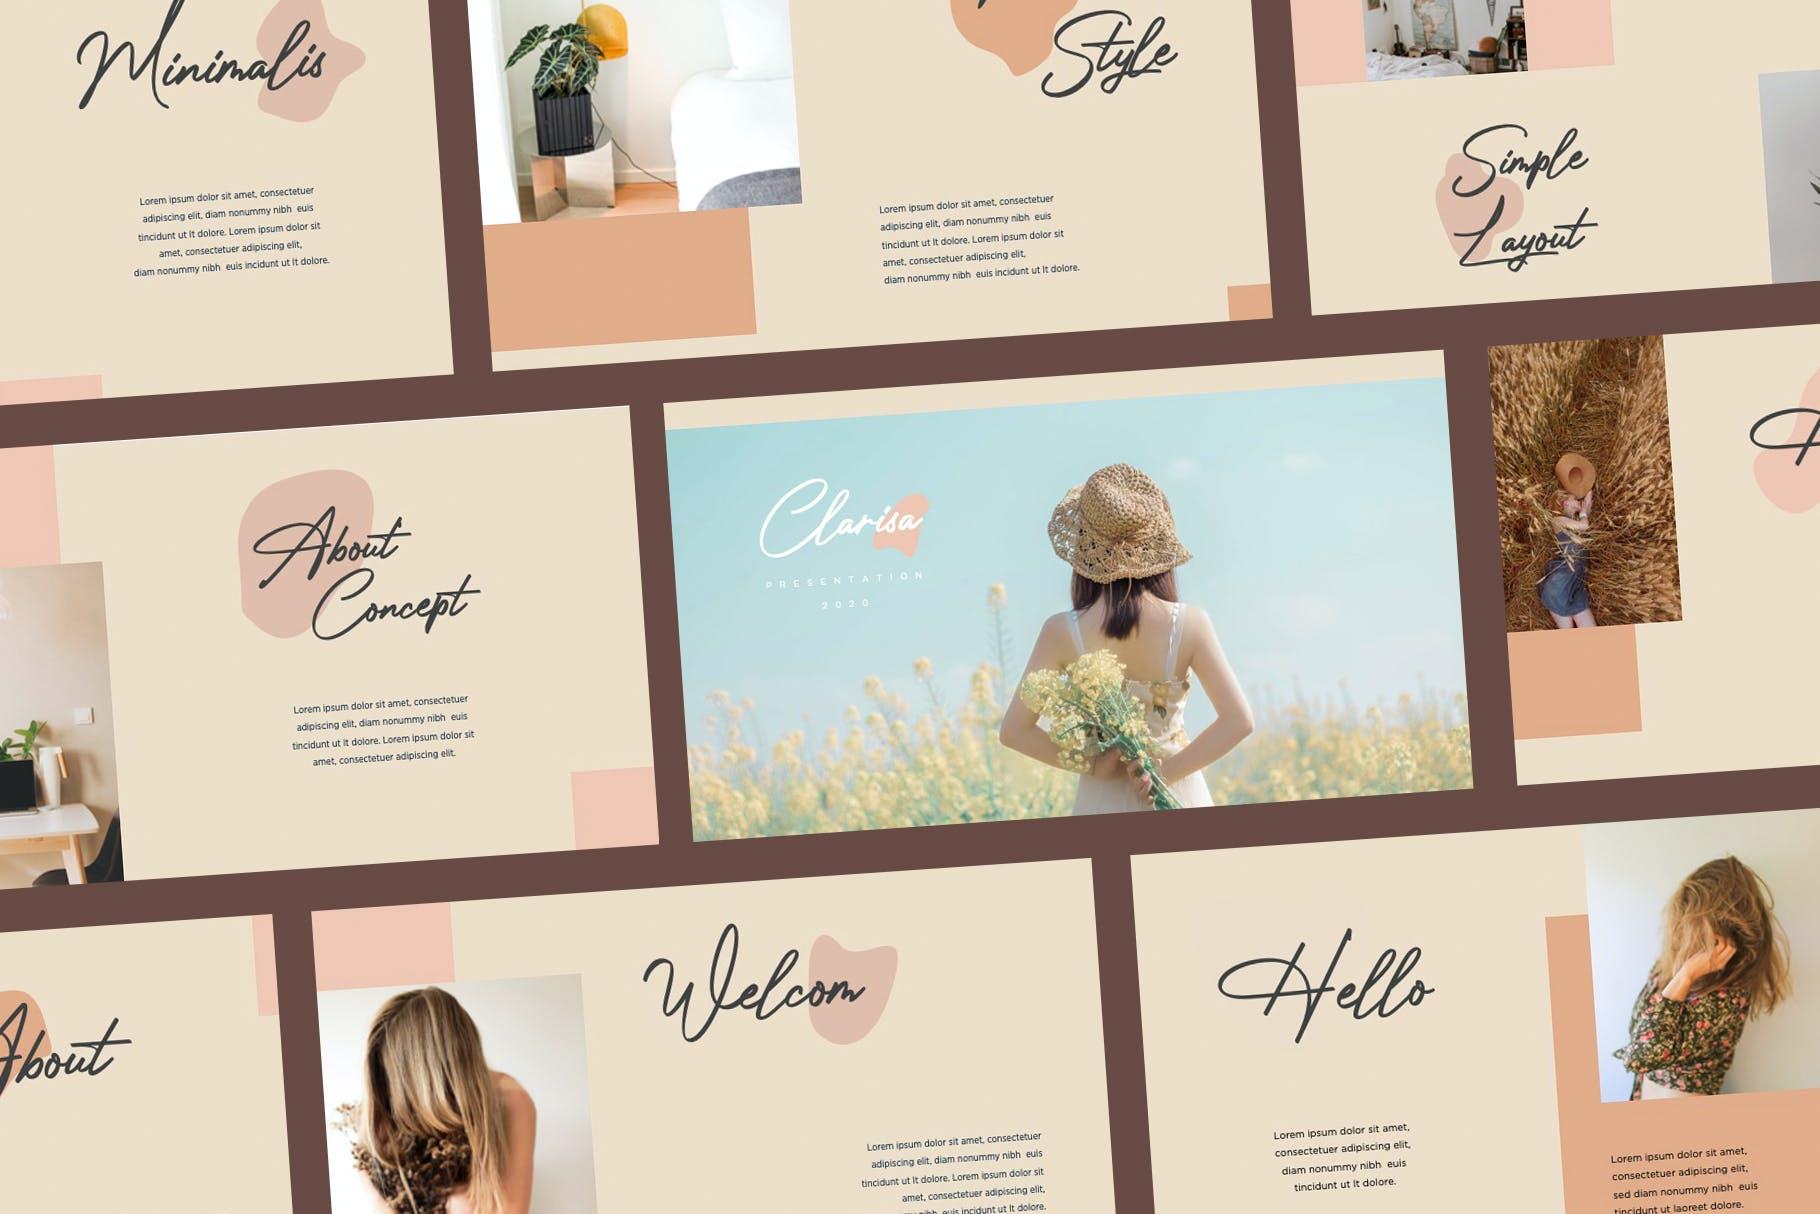 时尚优雅摄影作品集演示幻灯片设计模板 Clarisa Bundle Presentation插图1